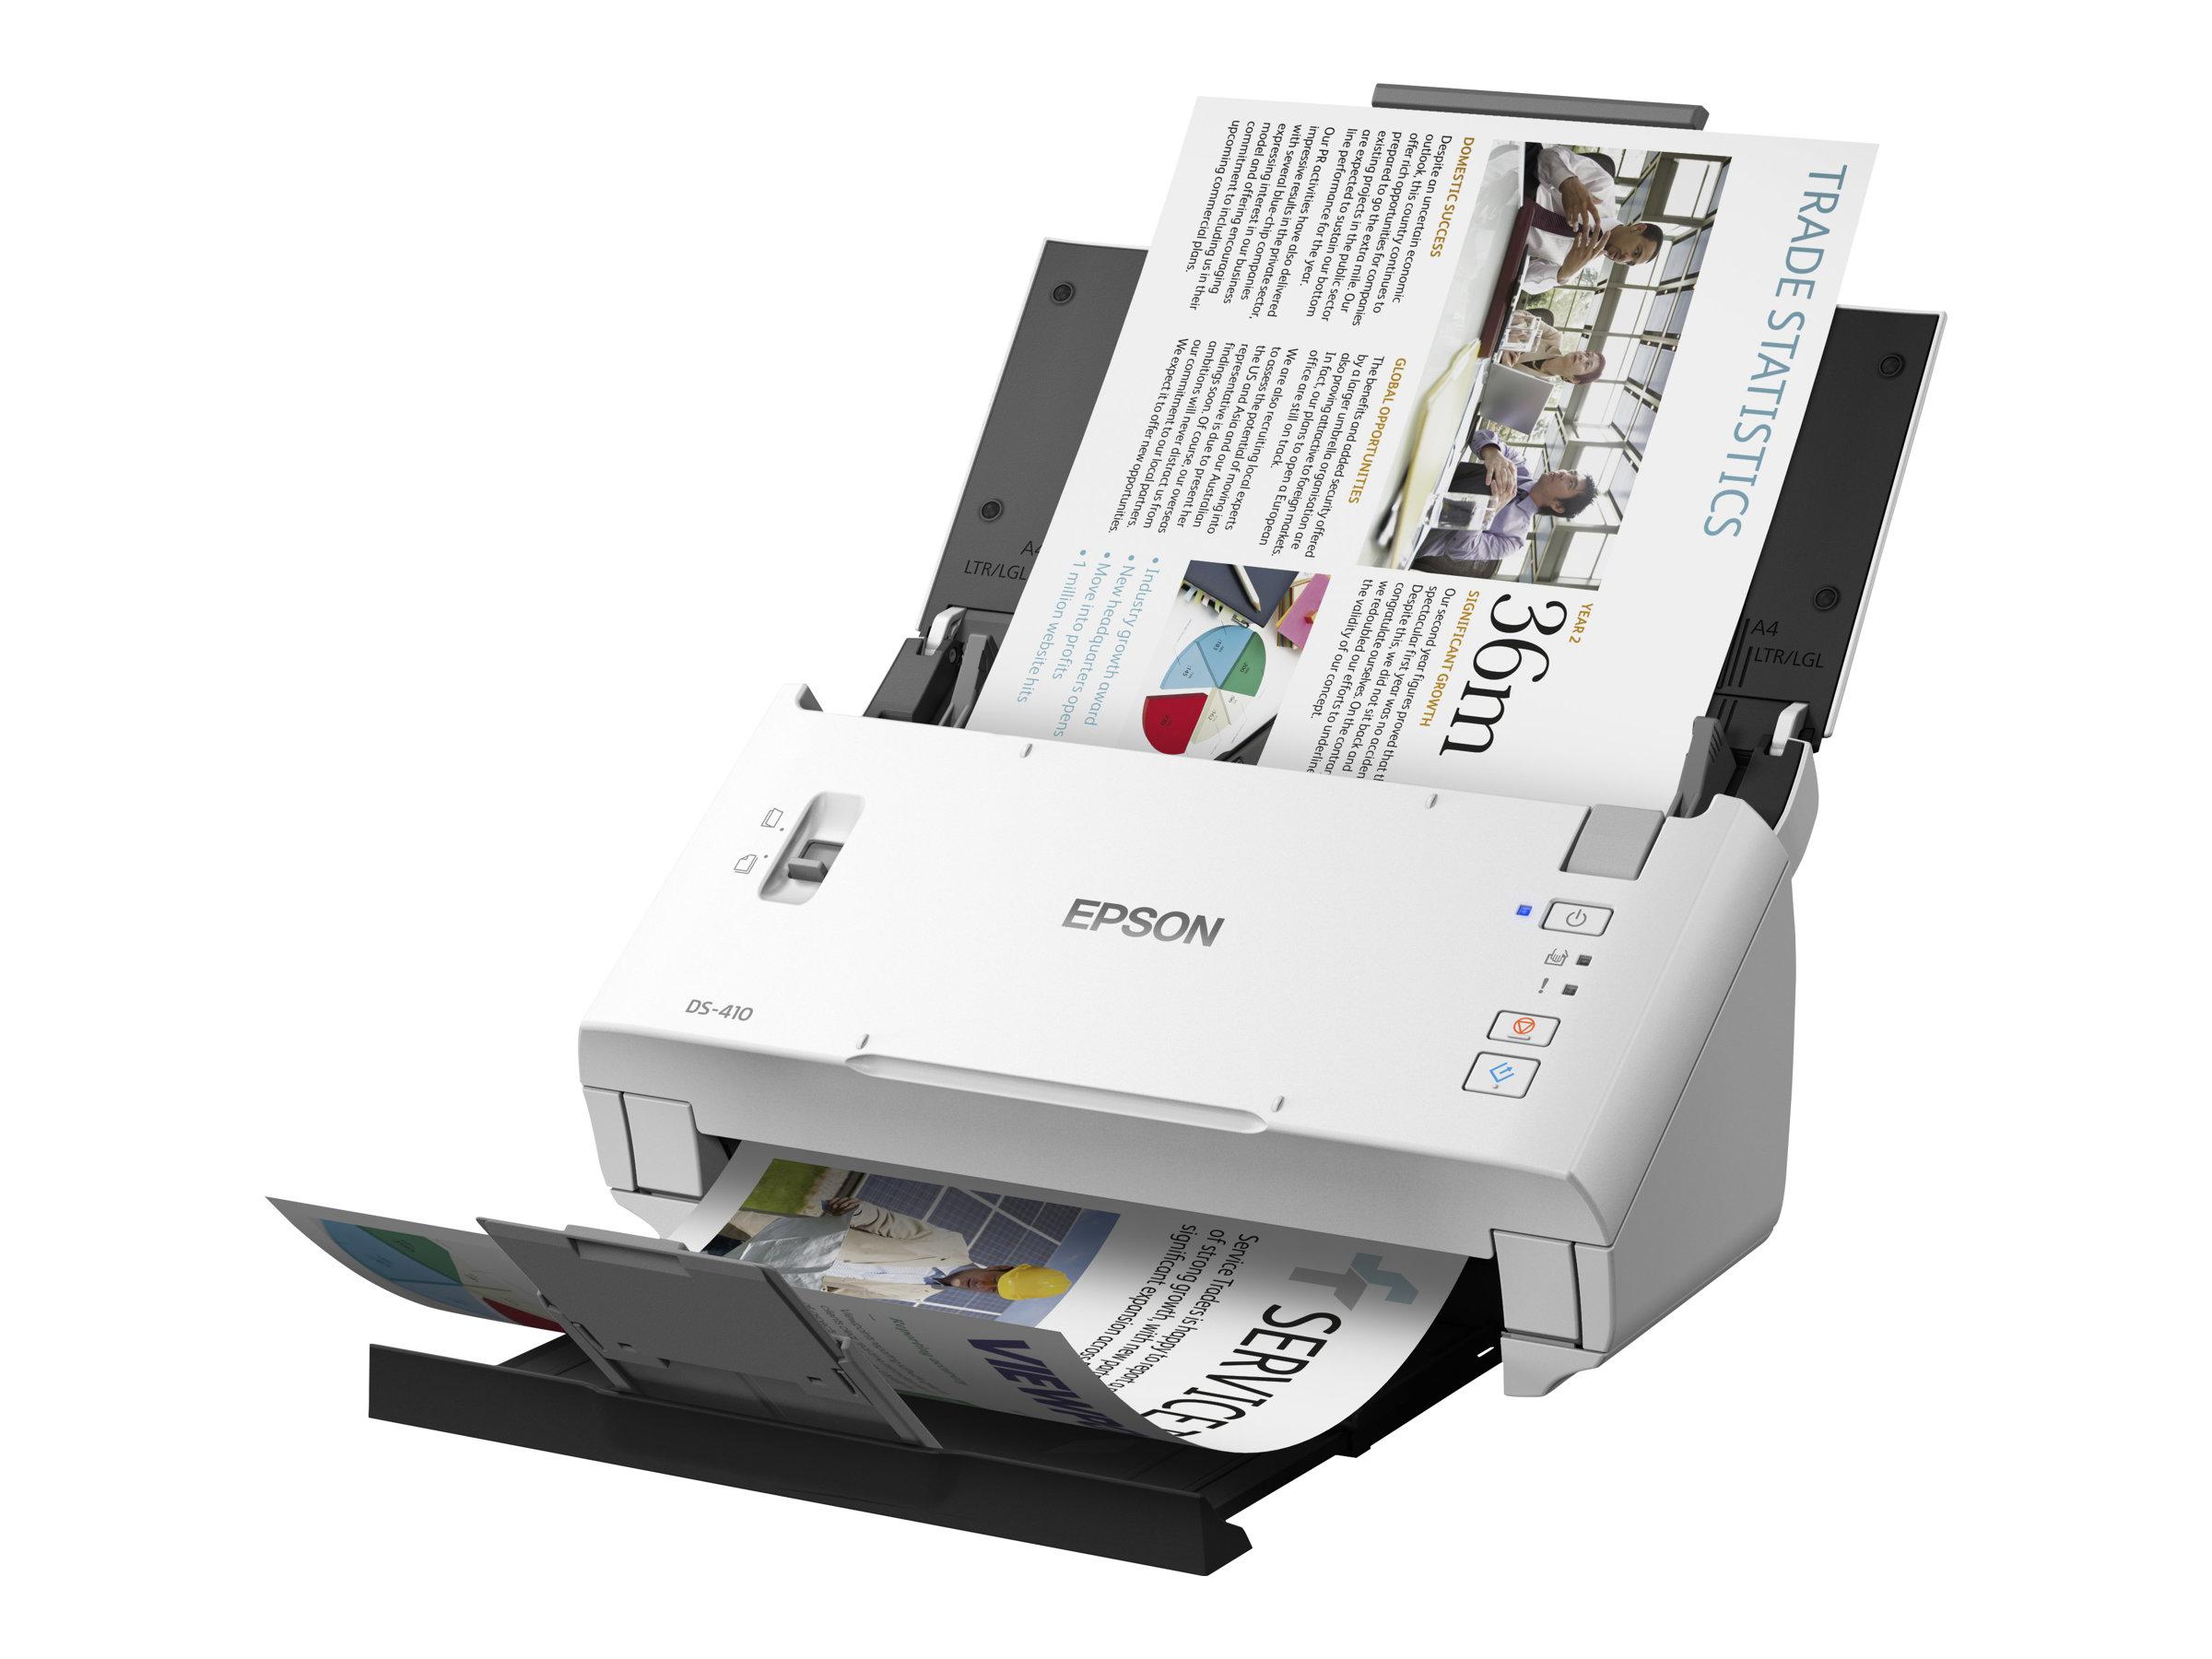 Epson WorkForce DS-410 - Dokumentenscanner - Duplex - A4 - 600 dpi x 600 dpi - bis zu 26 Seiten/Min. (einfarbig)